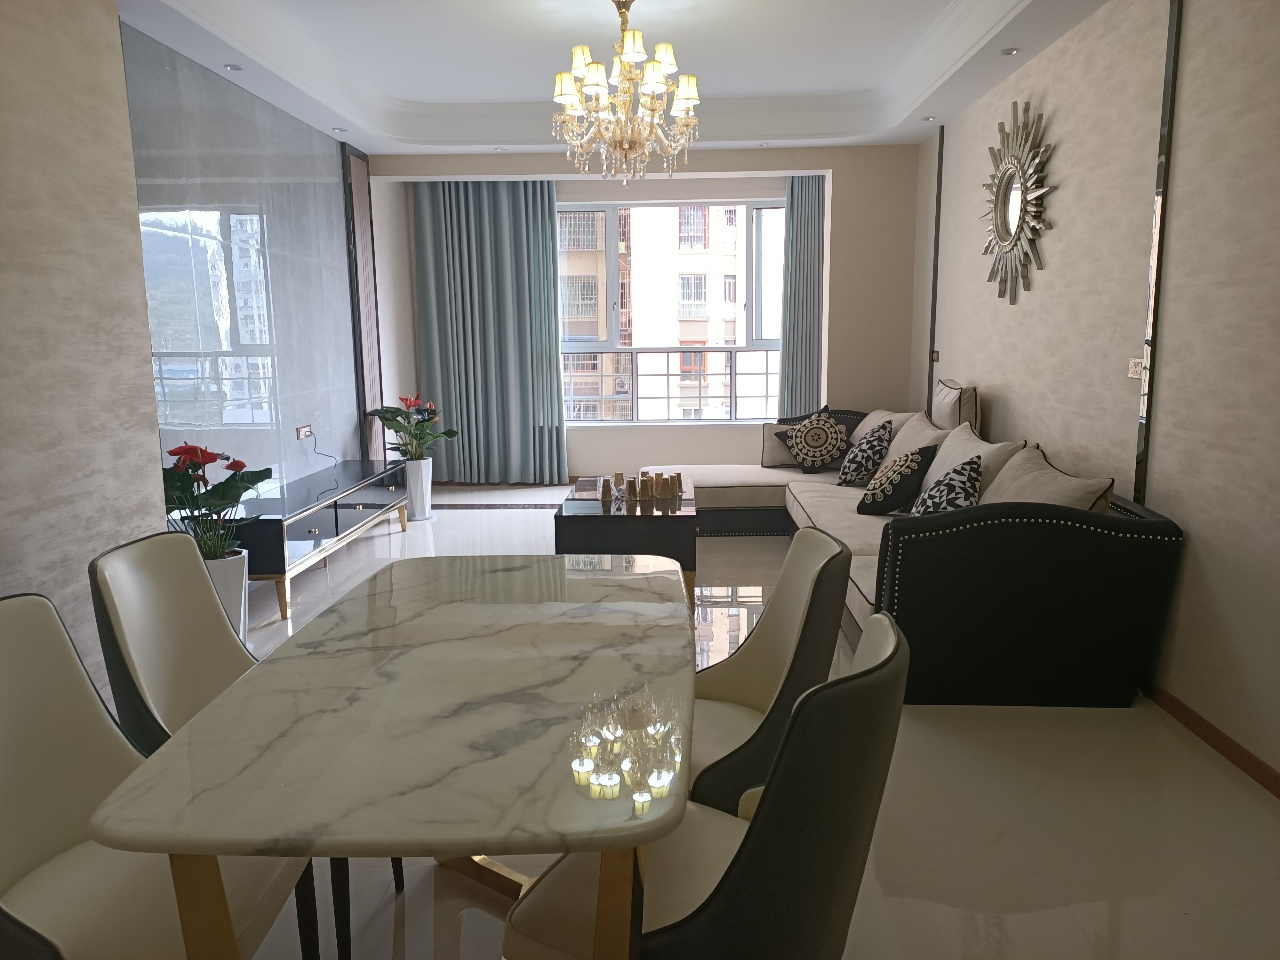 阳光·凯悦帝景1栋现证3室 2厅 2卫74.8万元